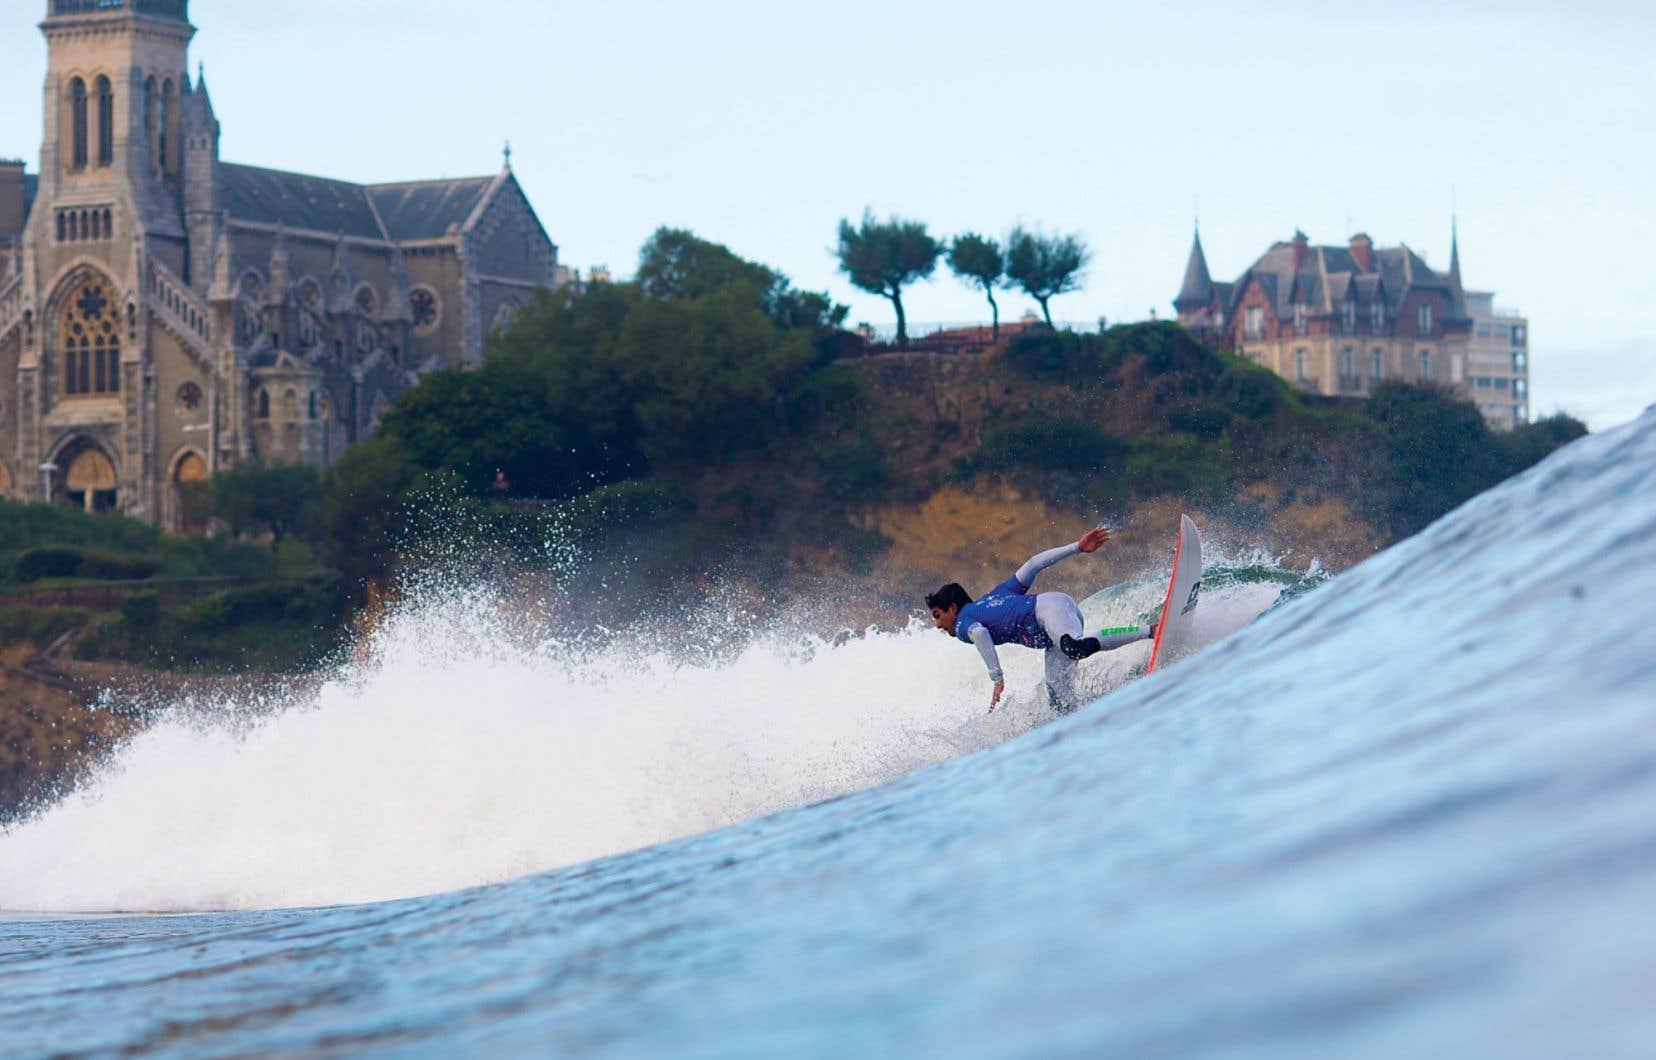 Biarritz est reconnue pour la qualité du surf, avec des vagues pouvant atteindre trois mètres et plus.